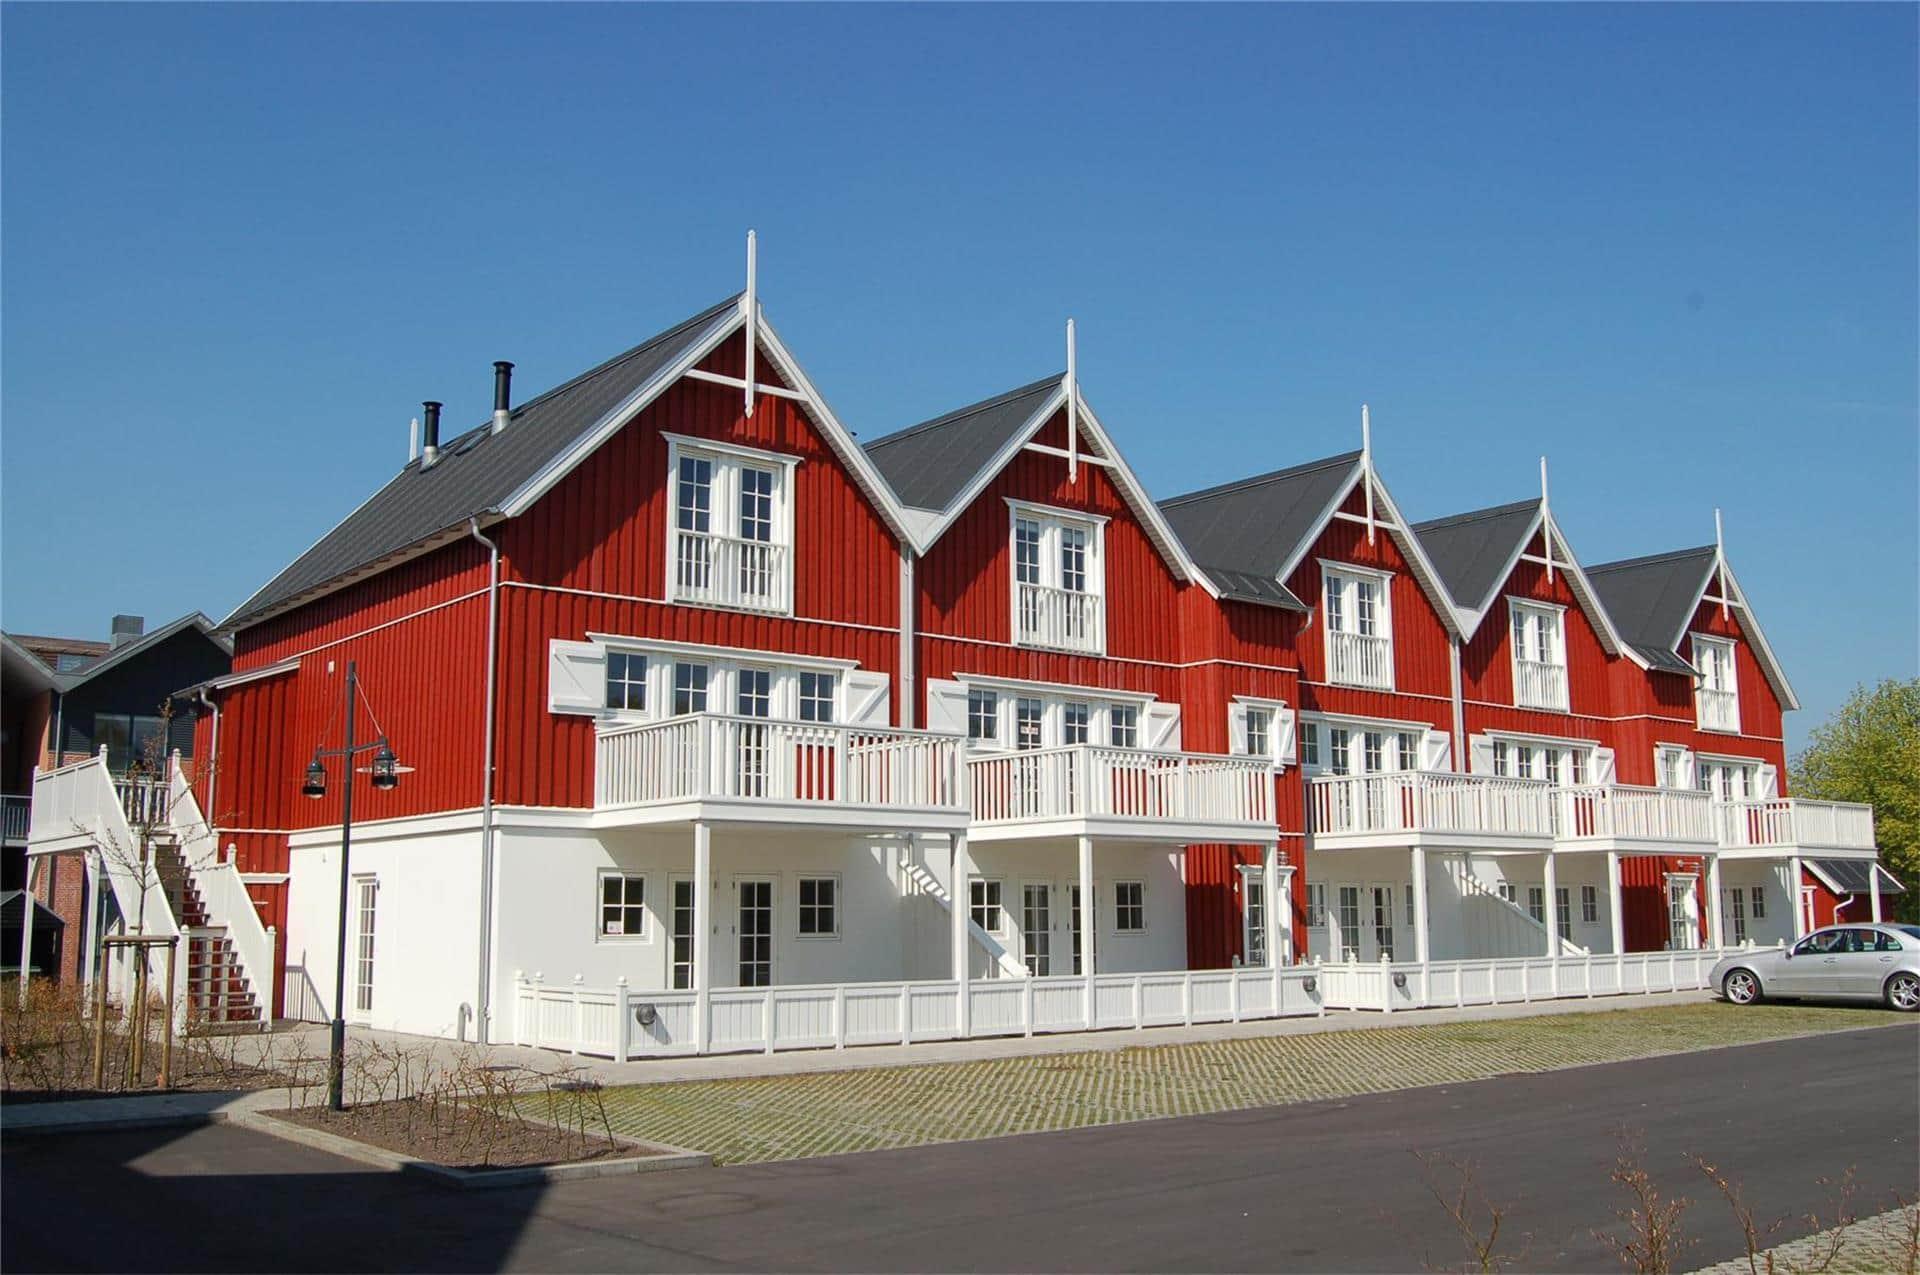 Image 1-3 Holiday-home F50411, Østersøvej 4, DK - 6300 Gråsten